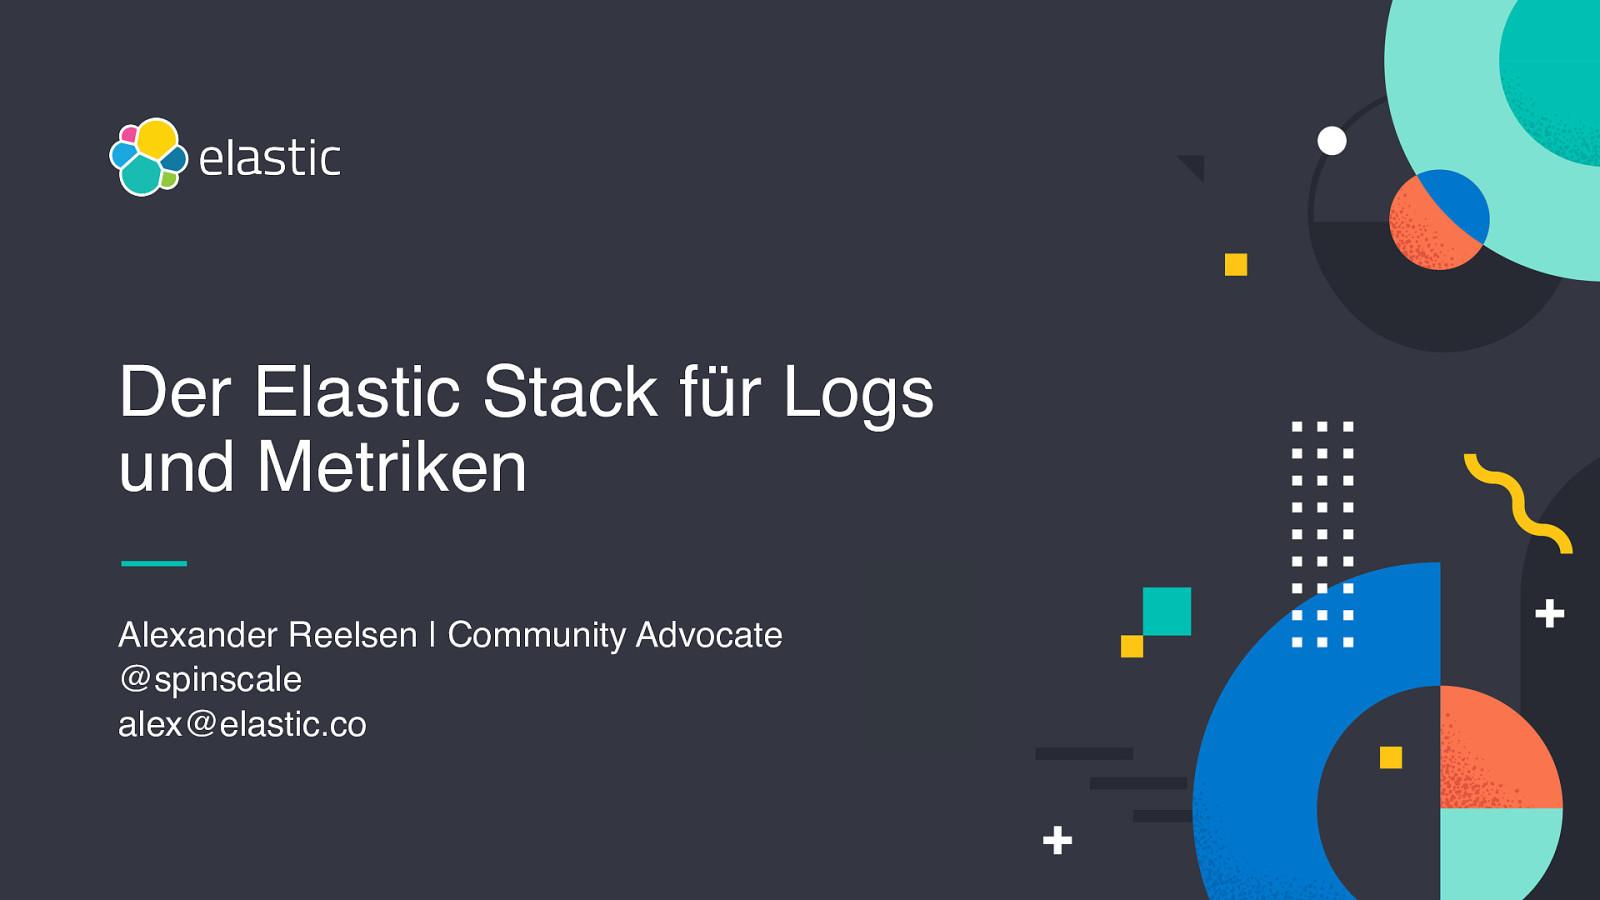 Der Elastic Stack für Logs und Metriken